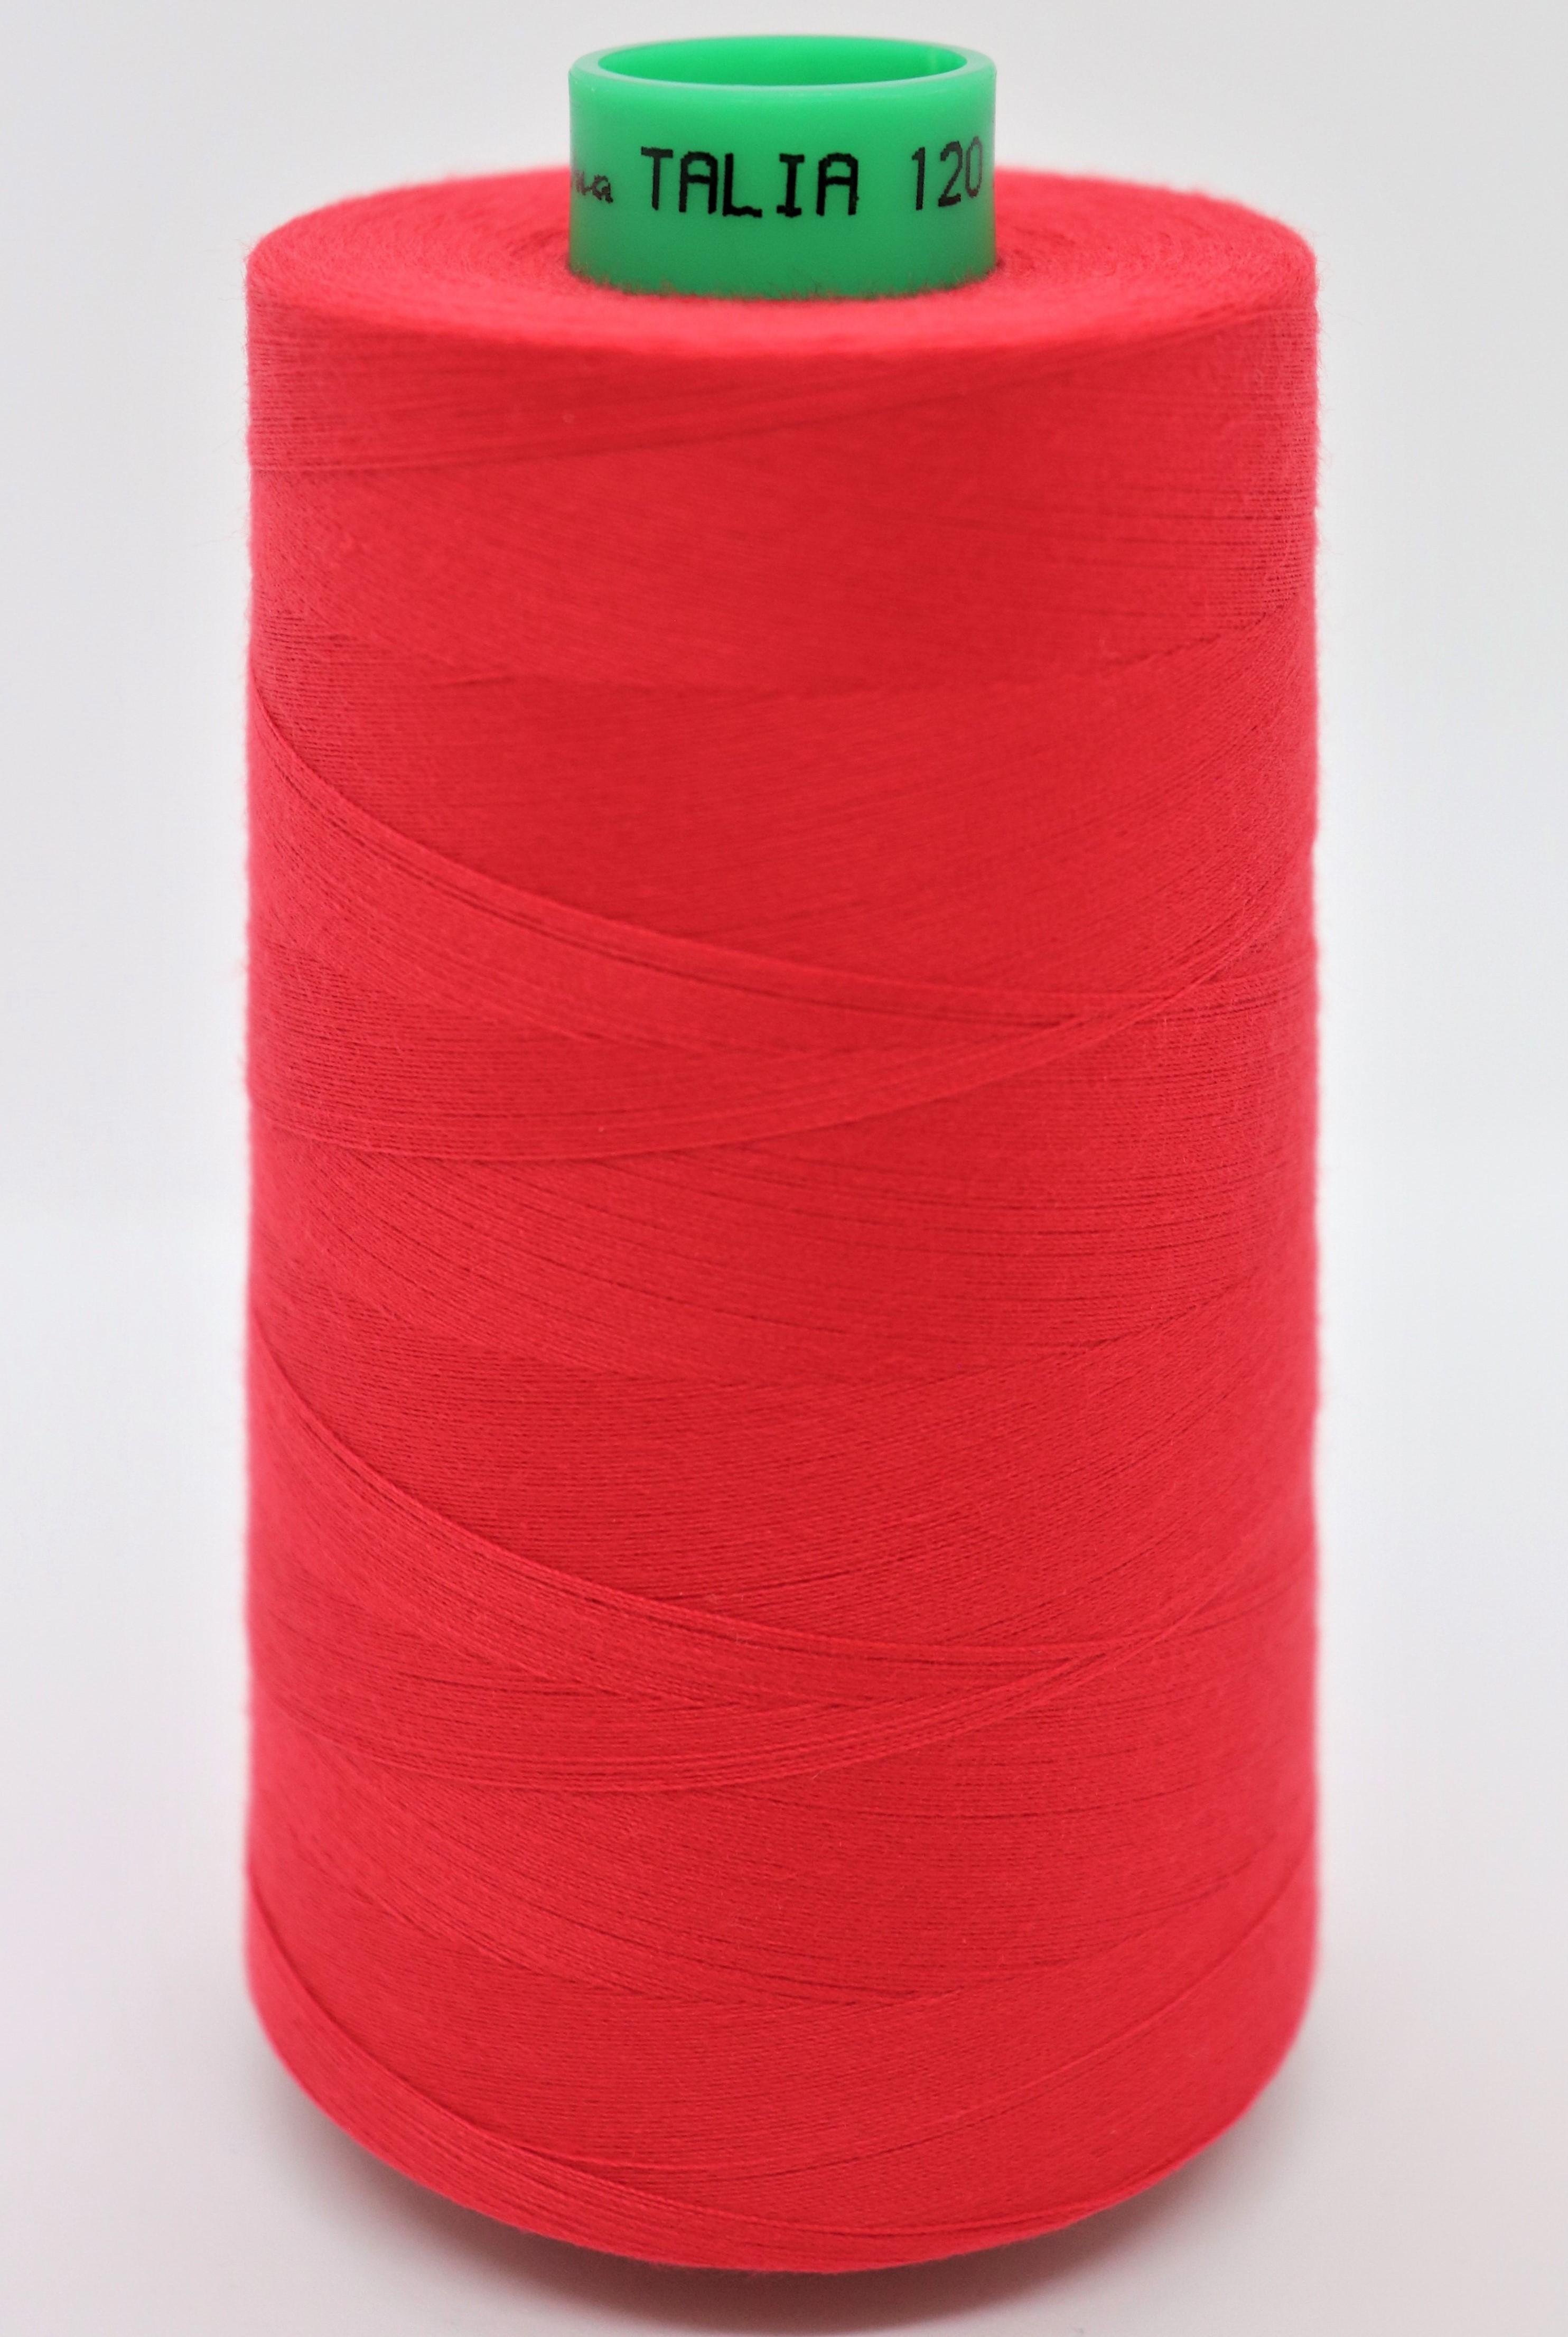 polyesterov� ni� Talia 120 - 5000m �erven� barva 904 - zv�t�it obr�zek